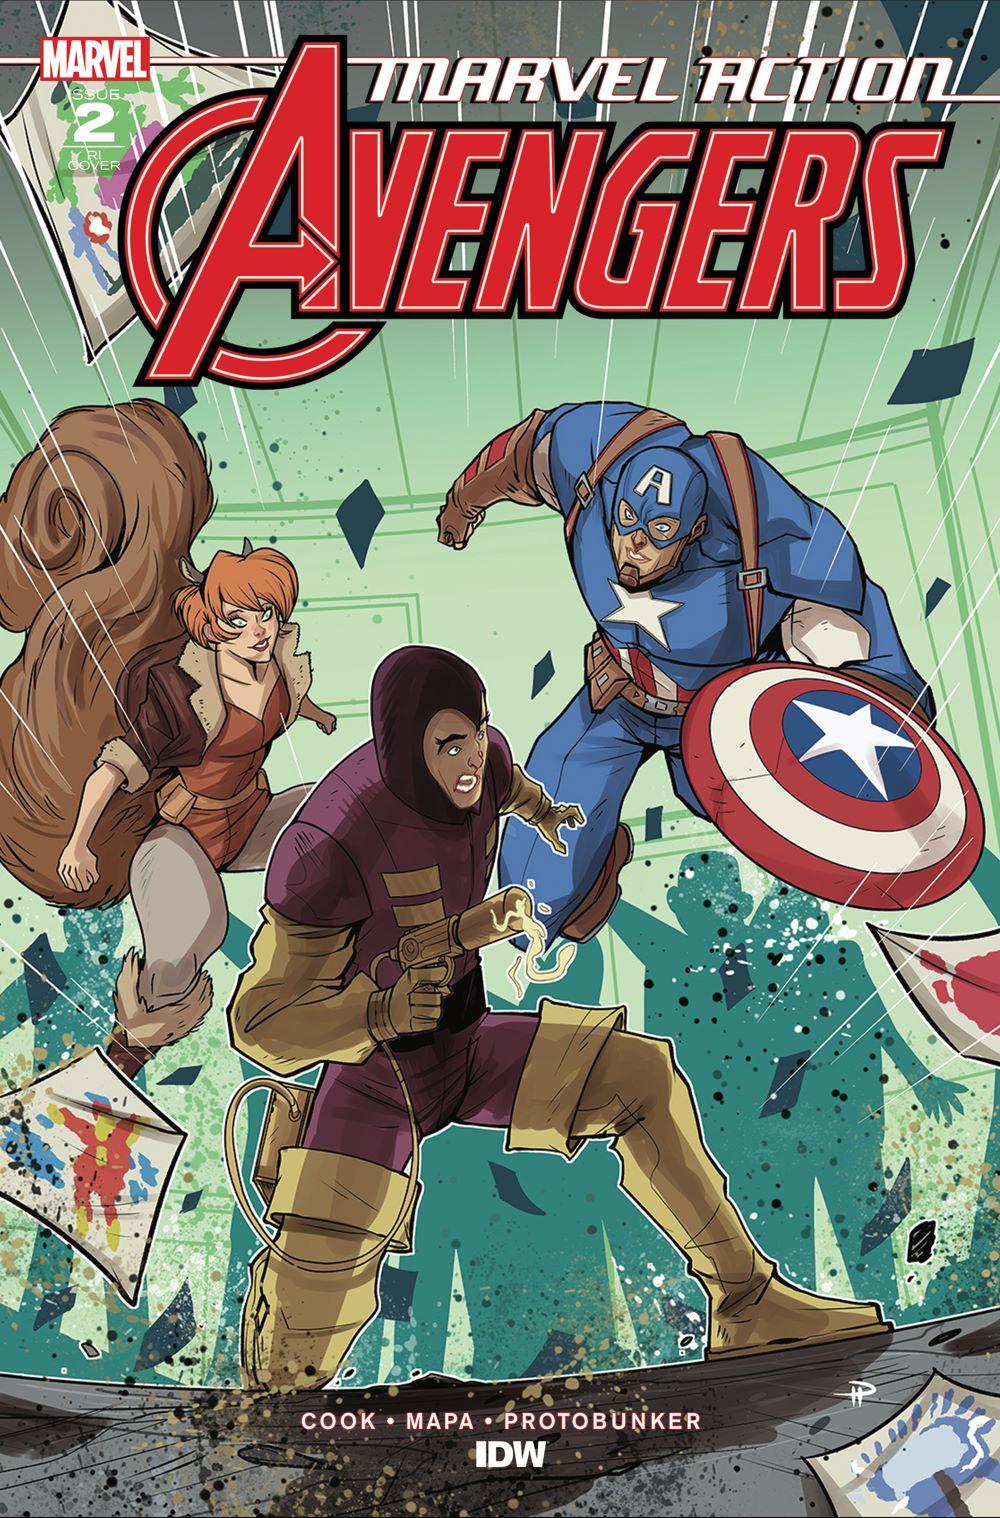 Marvel_Avengers02_coverRI ComicList Previews: MARVEL ACTION AVENGERS VOLUME 2 #2